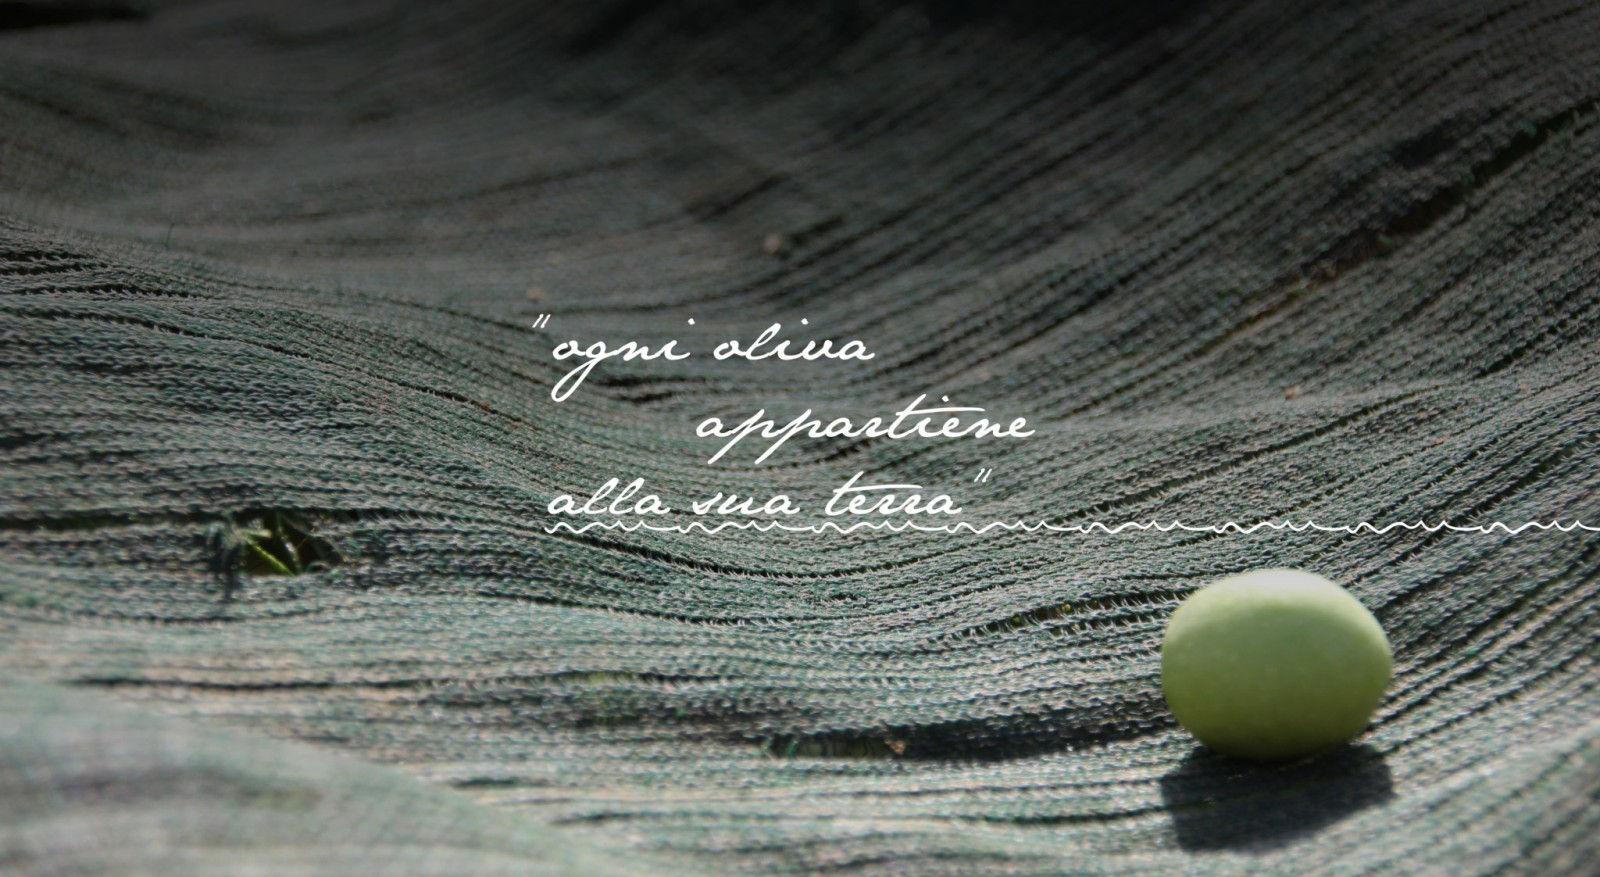 slide-ogni-oliva-appartiene-alla-sua-terra